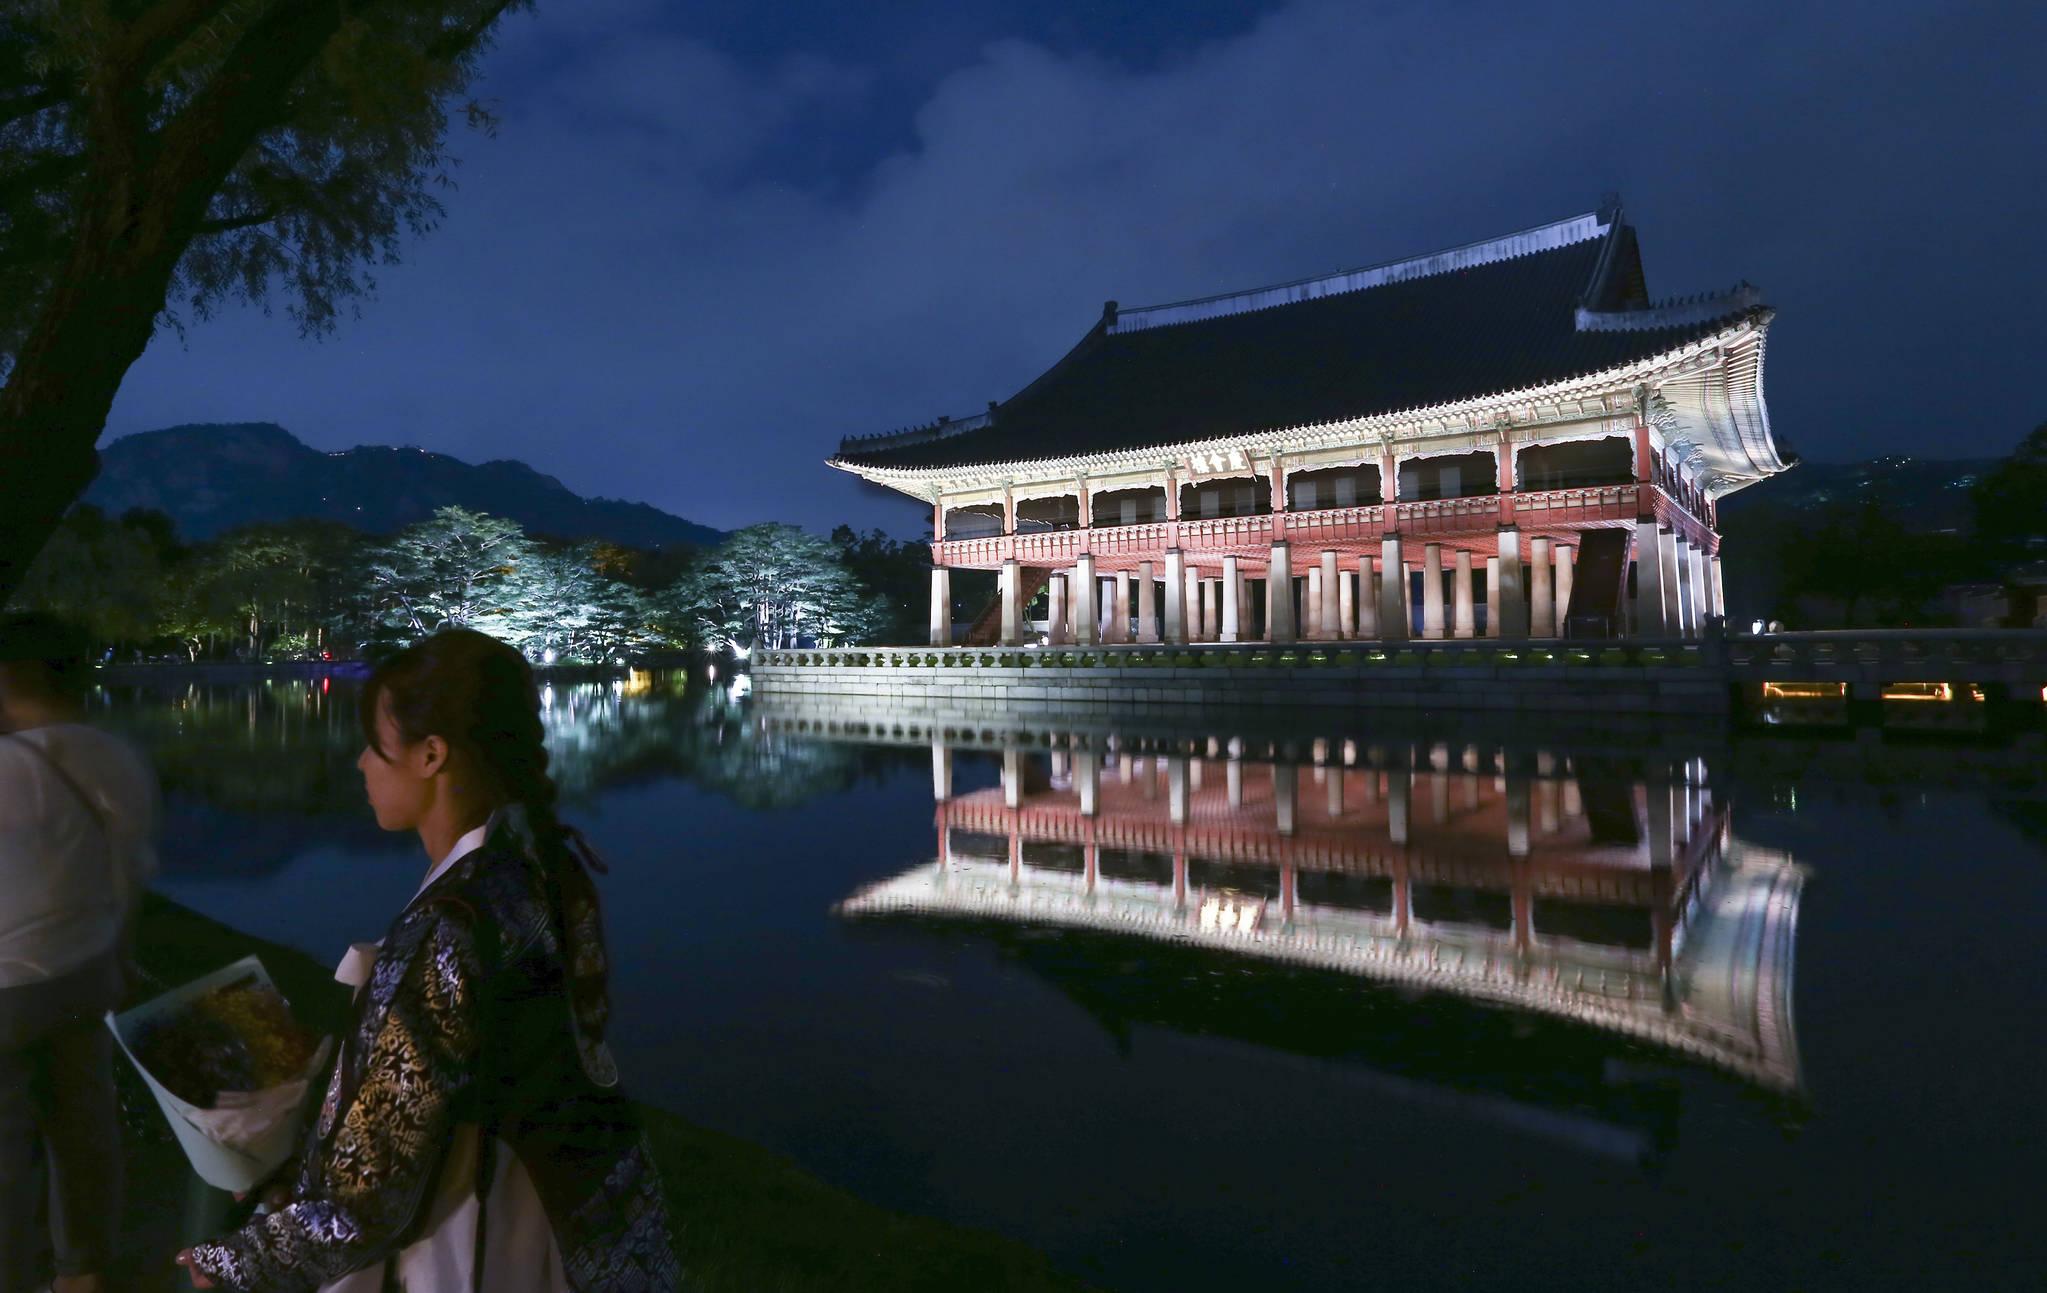 경회루는 근정전, 종묘 정전과 함께 조선시대 3대 목조건물이다. 연못과 정원으로 꾸며져 있다. 임현동 기자